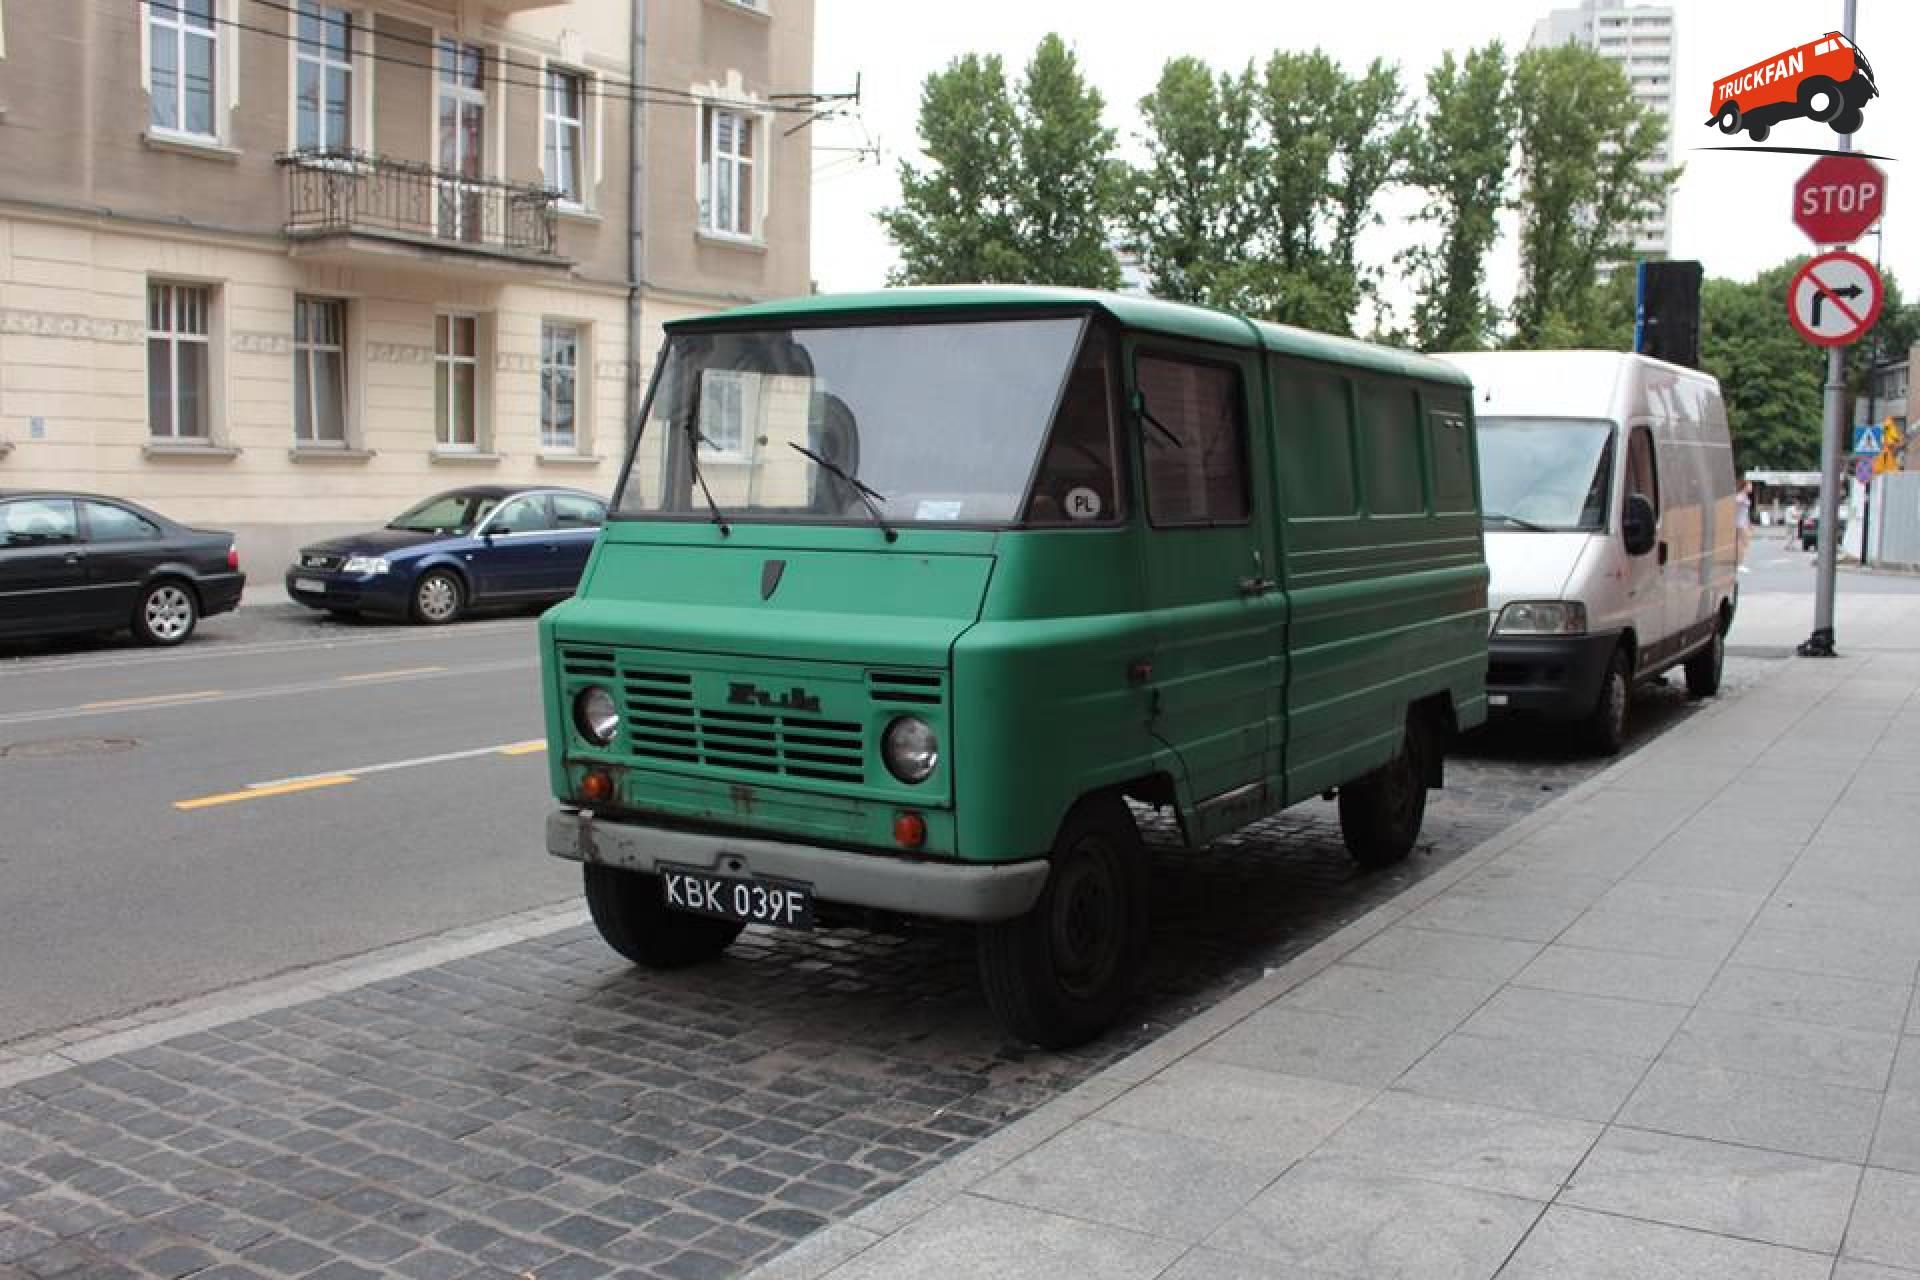 Zuk A-06